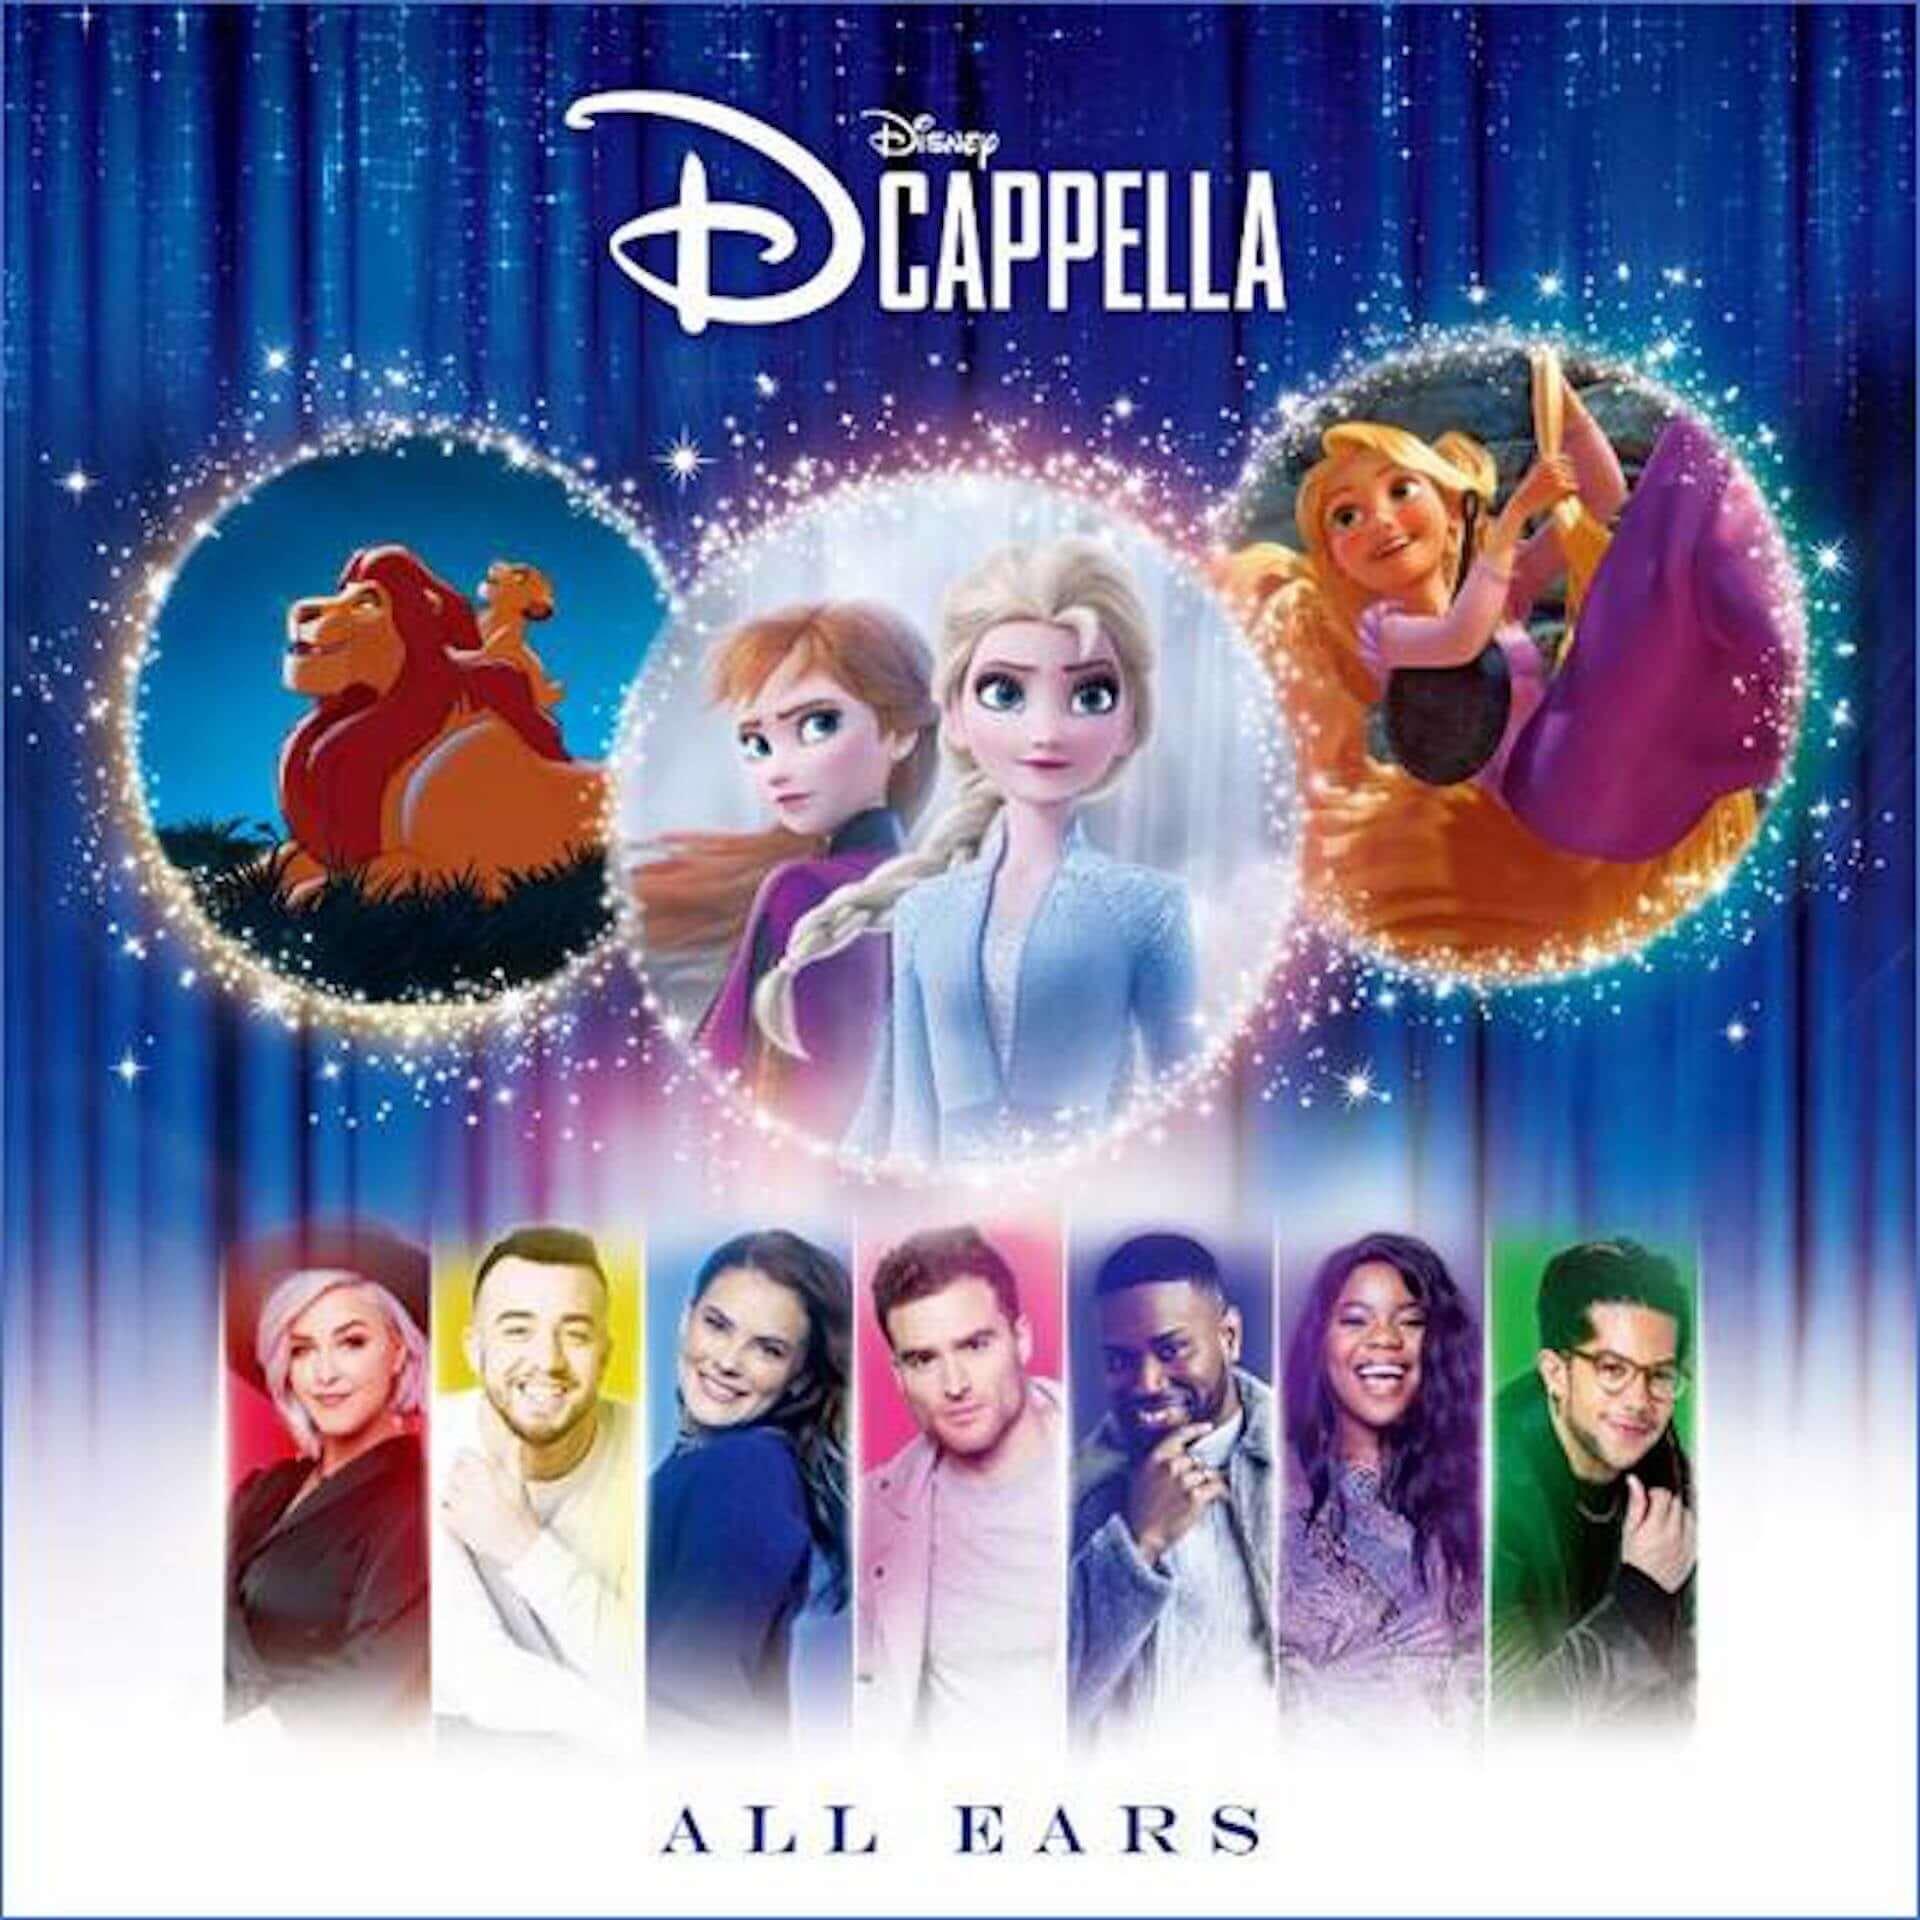 ディズニーの名曲を声だけで表現する「ディカペラ」がニューアルバムをリリース!『アナと雪の女王2』『アラジン』の楽曲が収録 music200610_dcappella_02-1920x1920